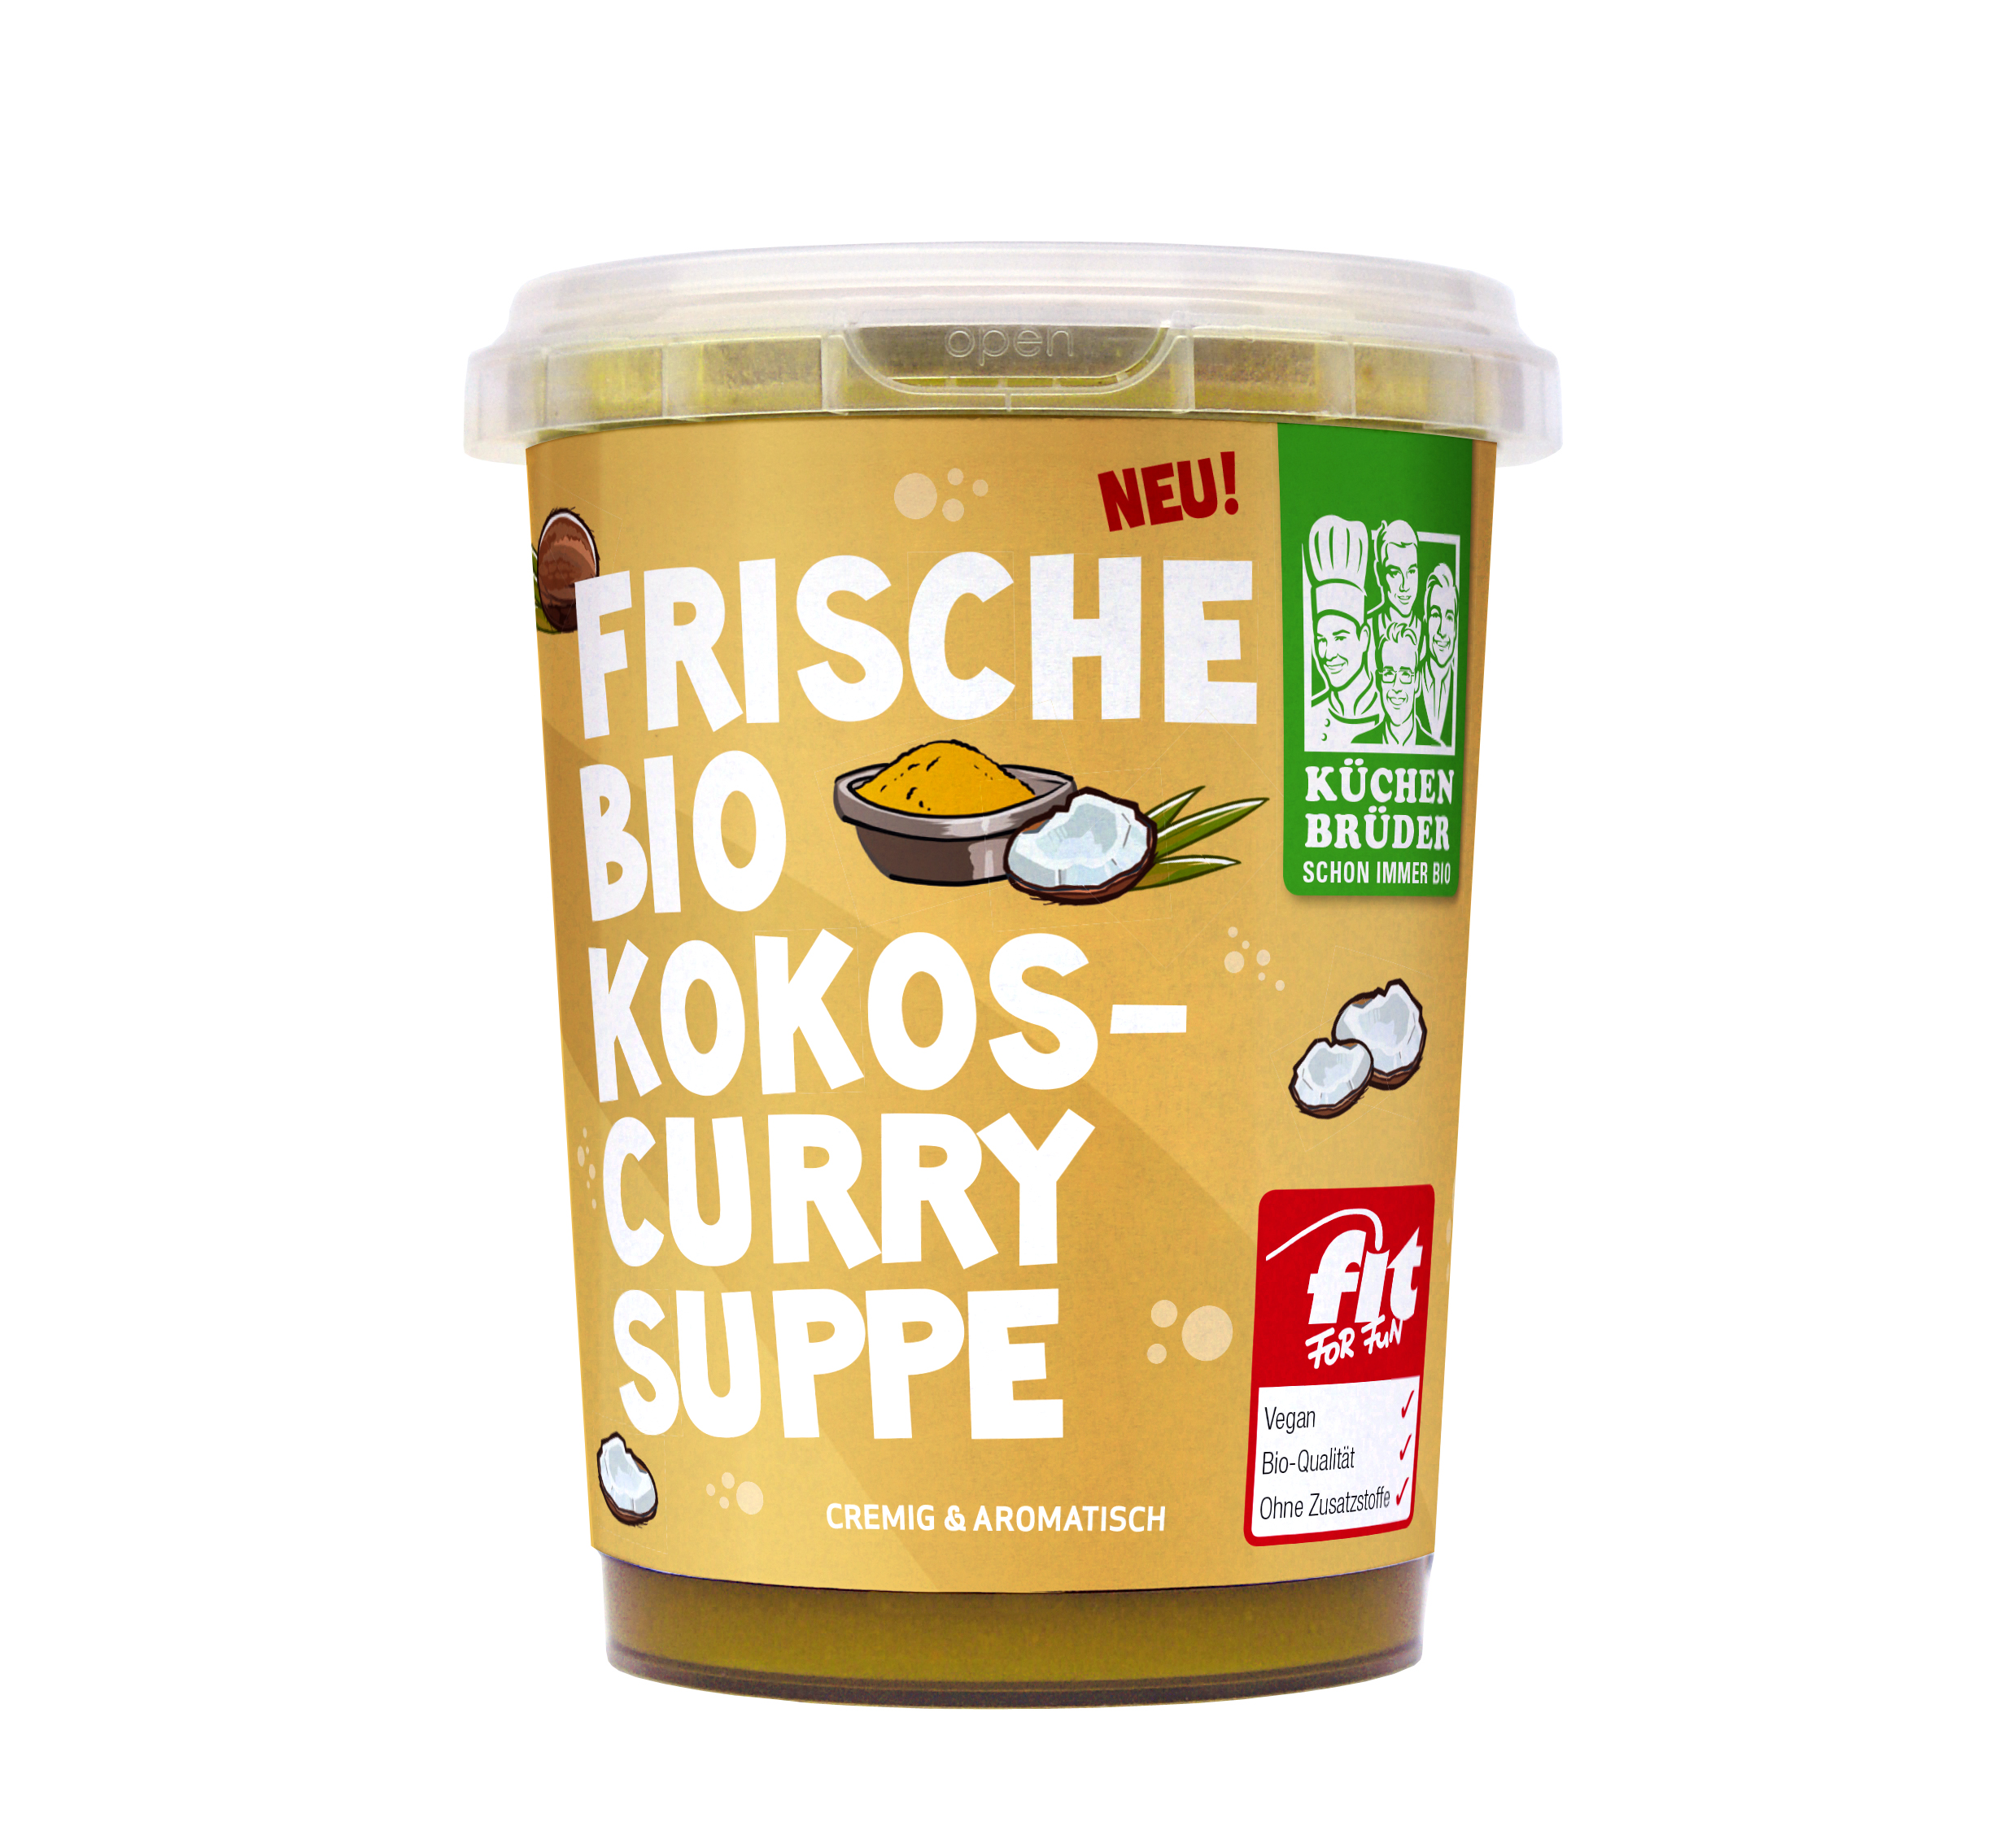 Küchenbrüder Vegane frische Bio Kokos Curry Suppe